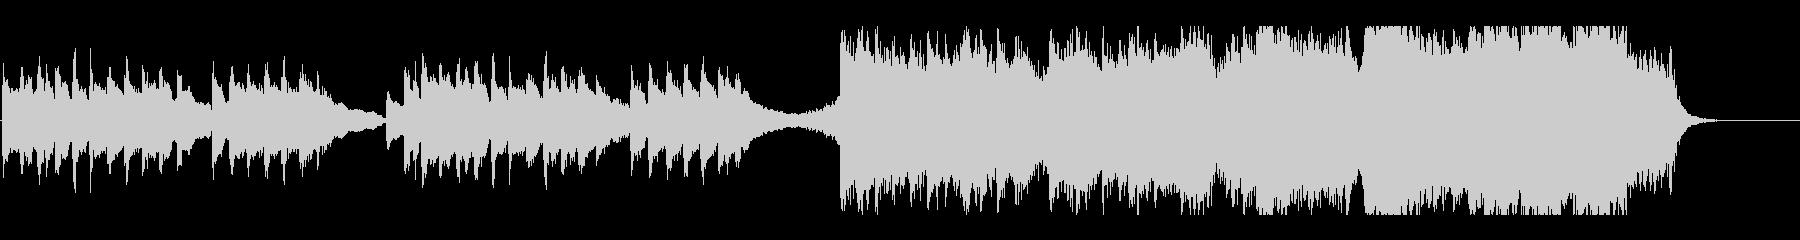 幻想的で壮大な感動フィナーレテーマBGMの未再生の波形